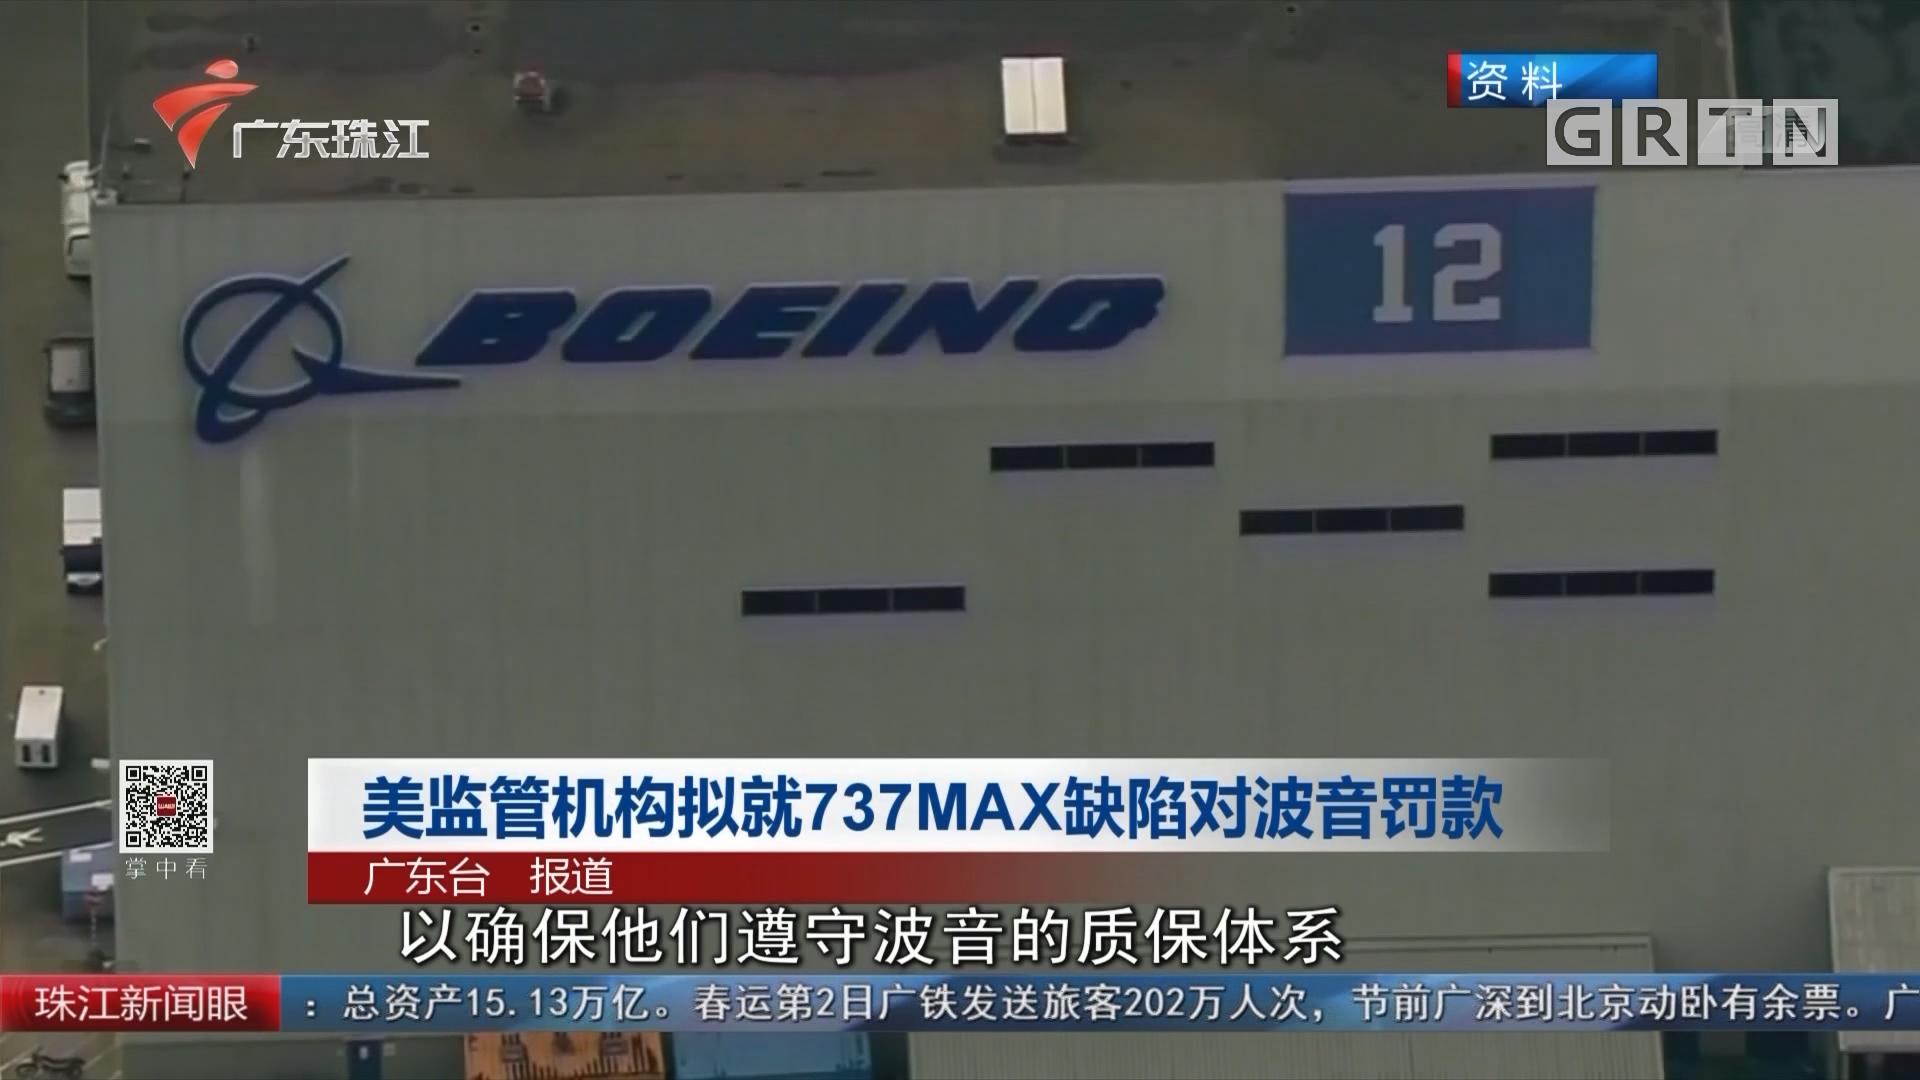 美监管机构拟就737MAX缺陷对波音罚款